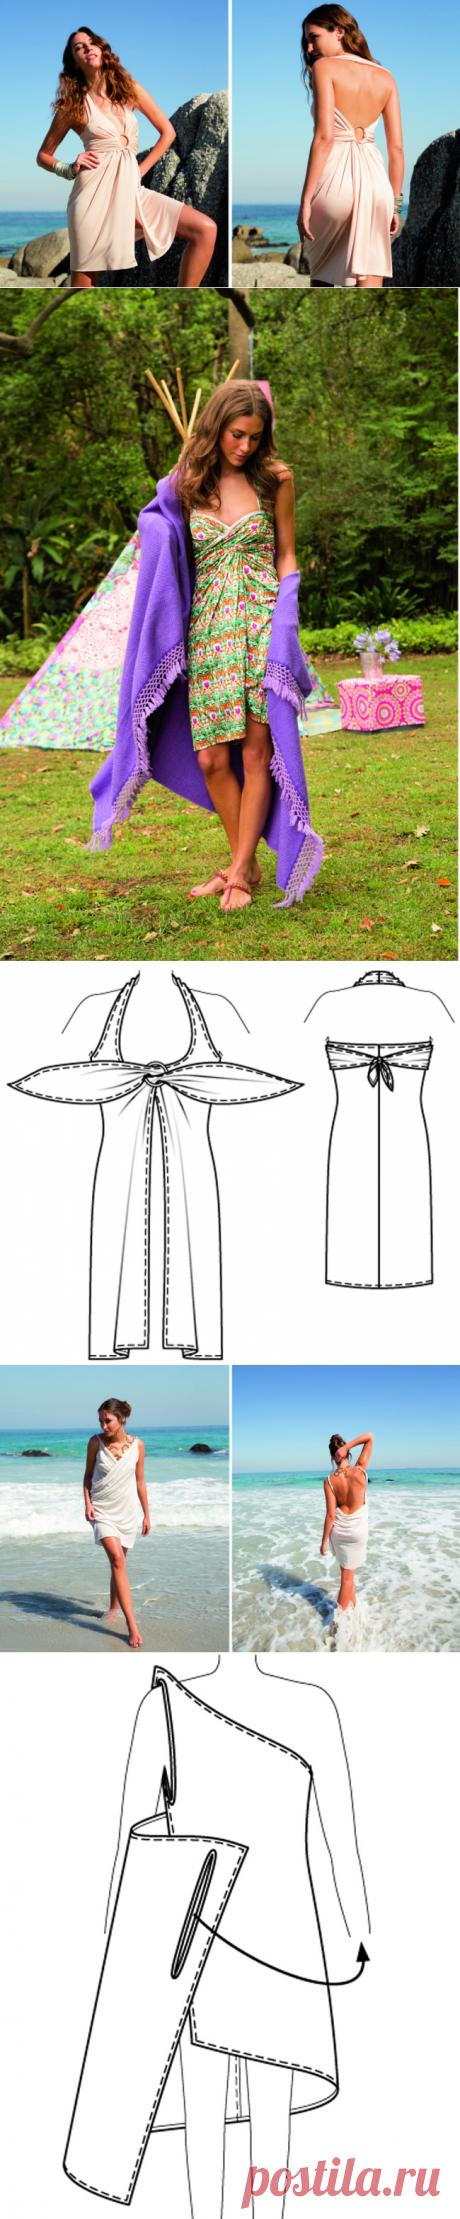 Пляжное платье без выкройки за полчаса — Мастер-классы на BurdaStyle.ru  все размеры